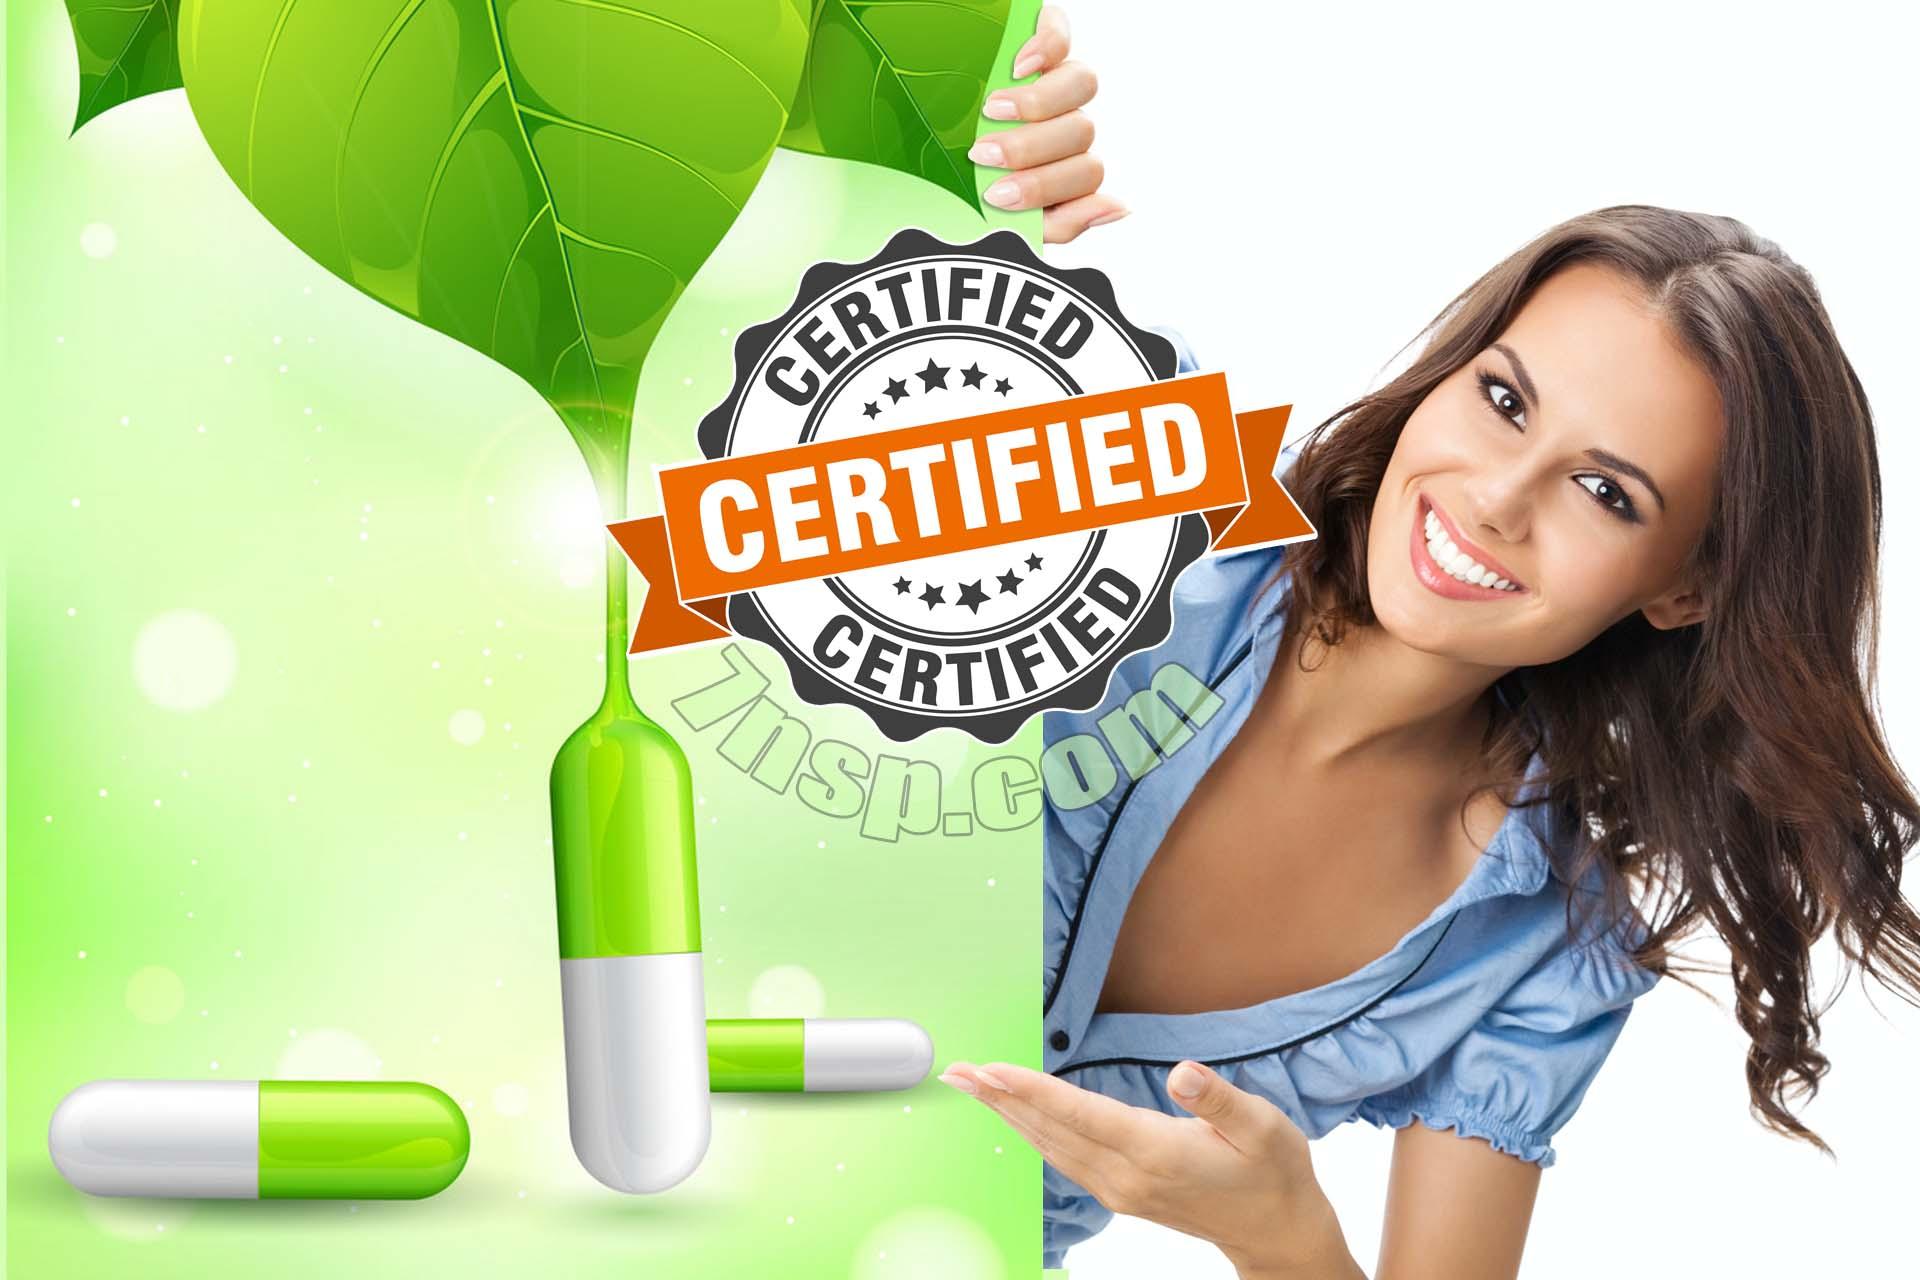 Сертификаты на продукцию НСП - витамины, бад, косметику